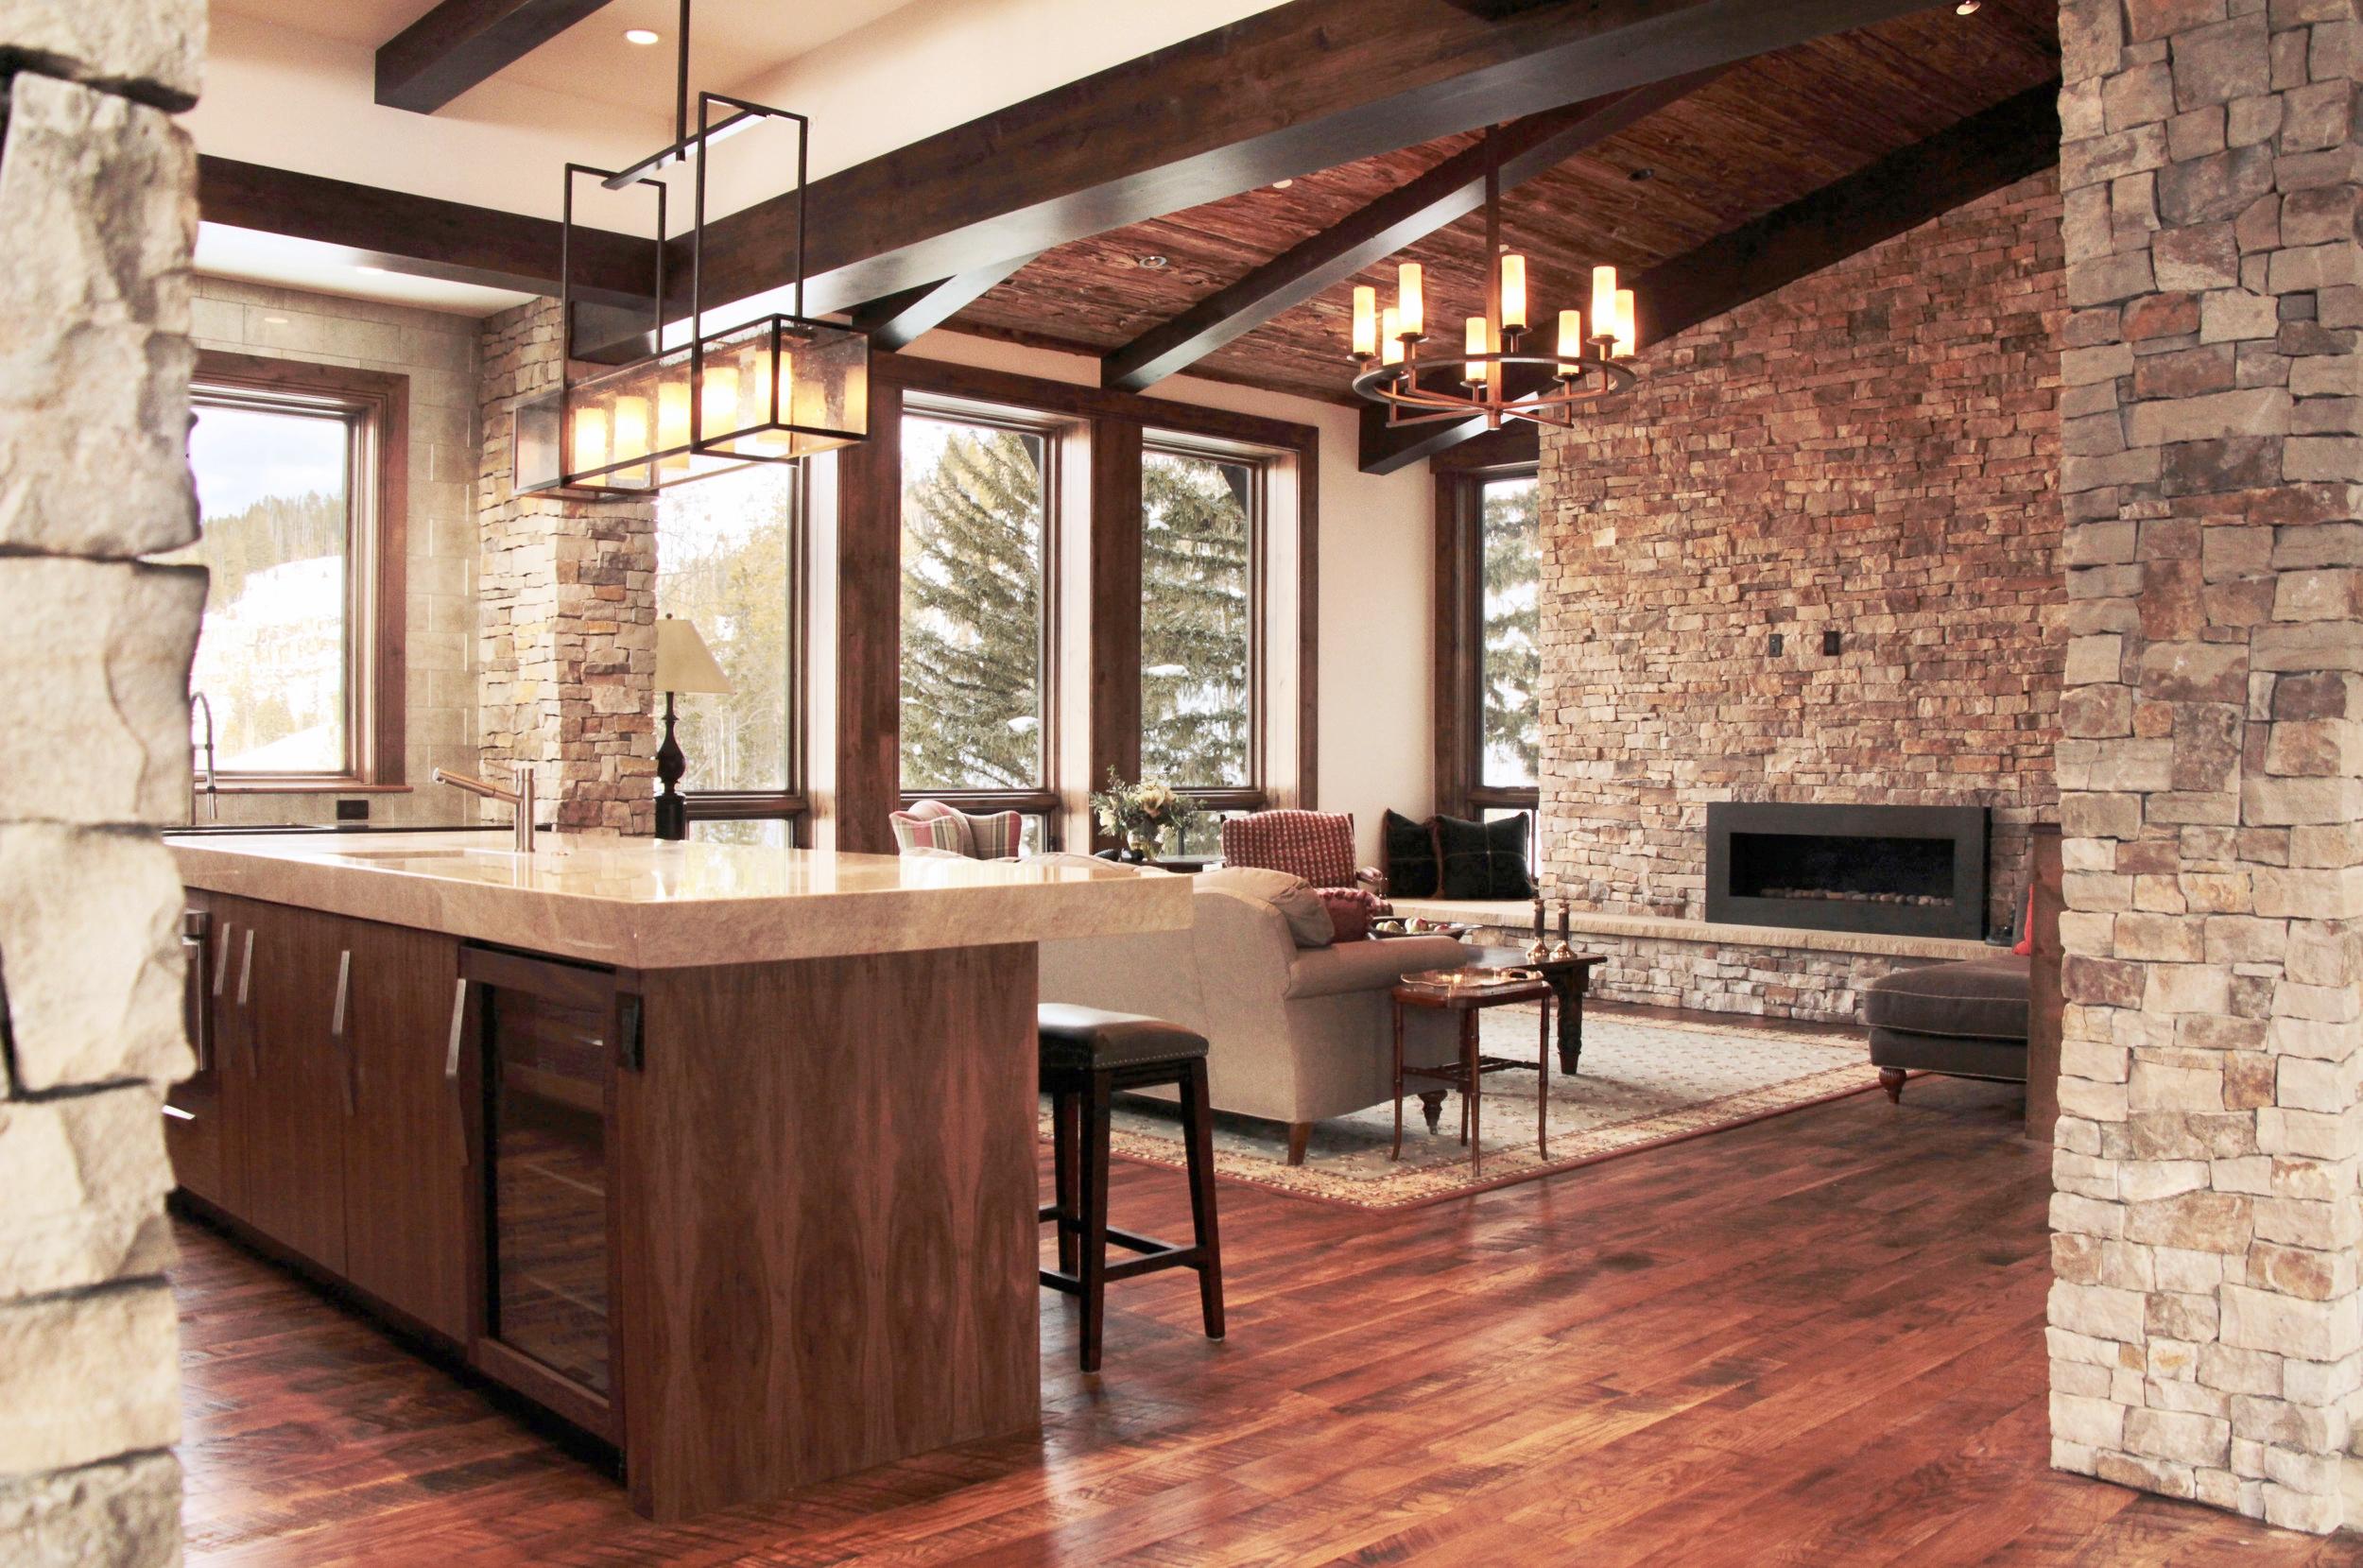 snowberry west.kitchen.great room.jpg